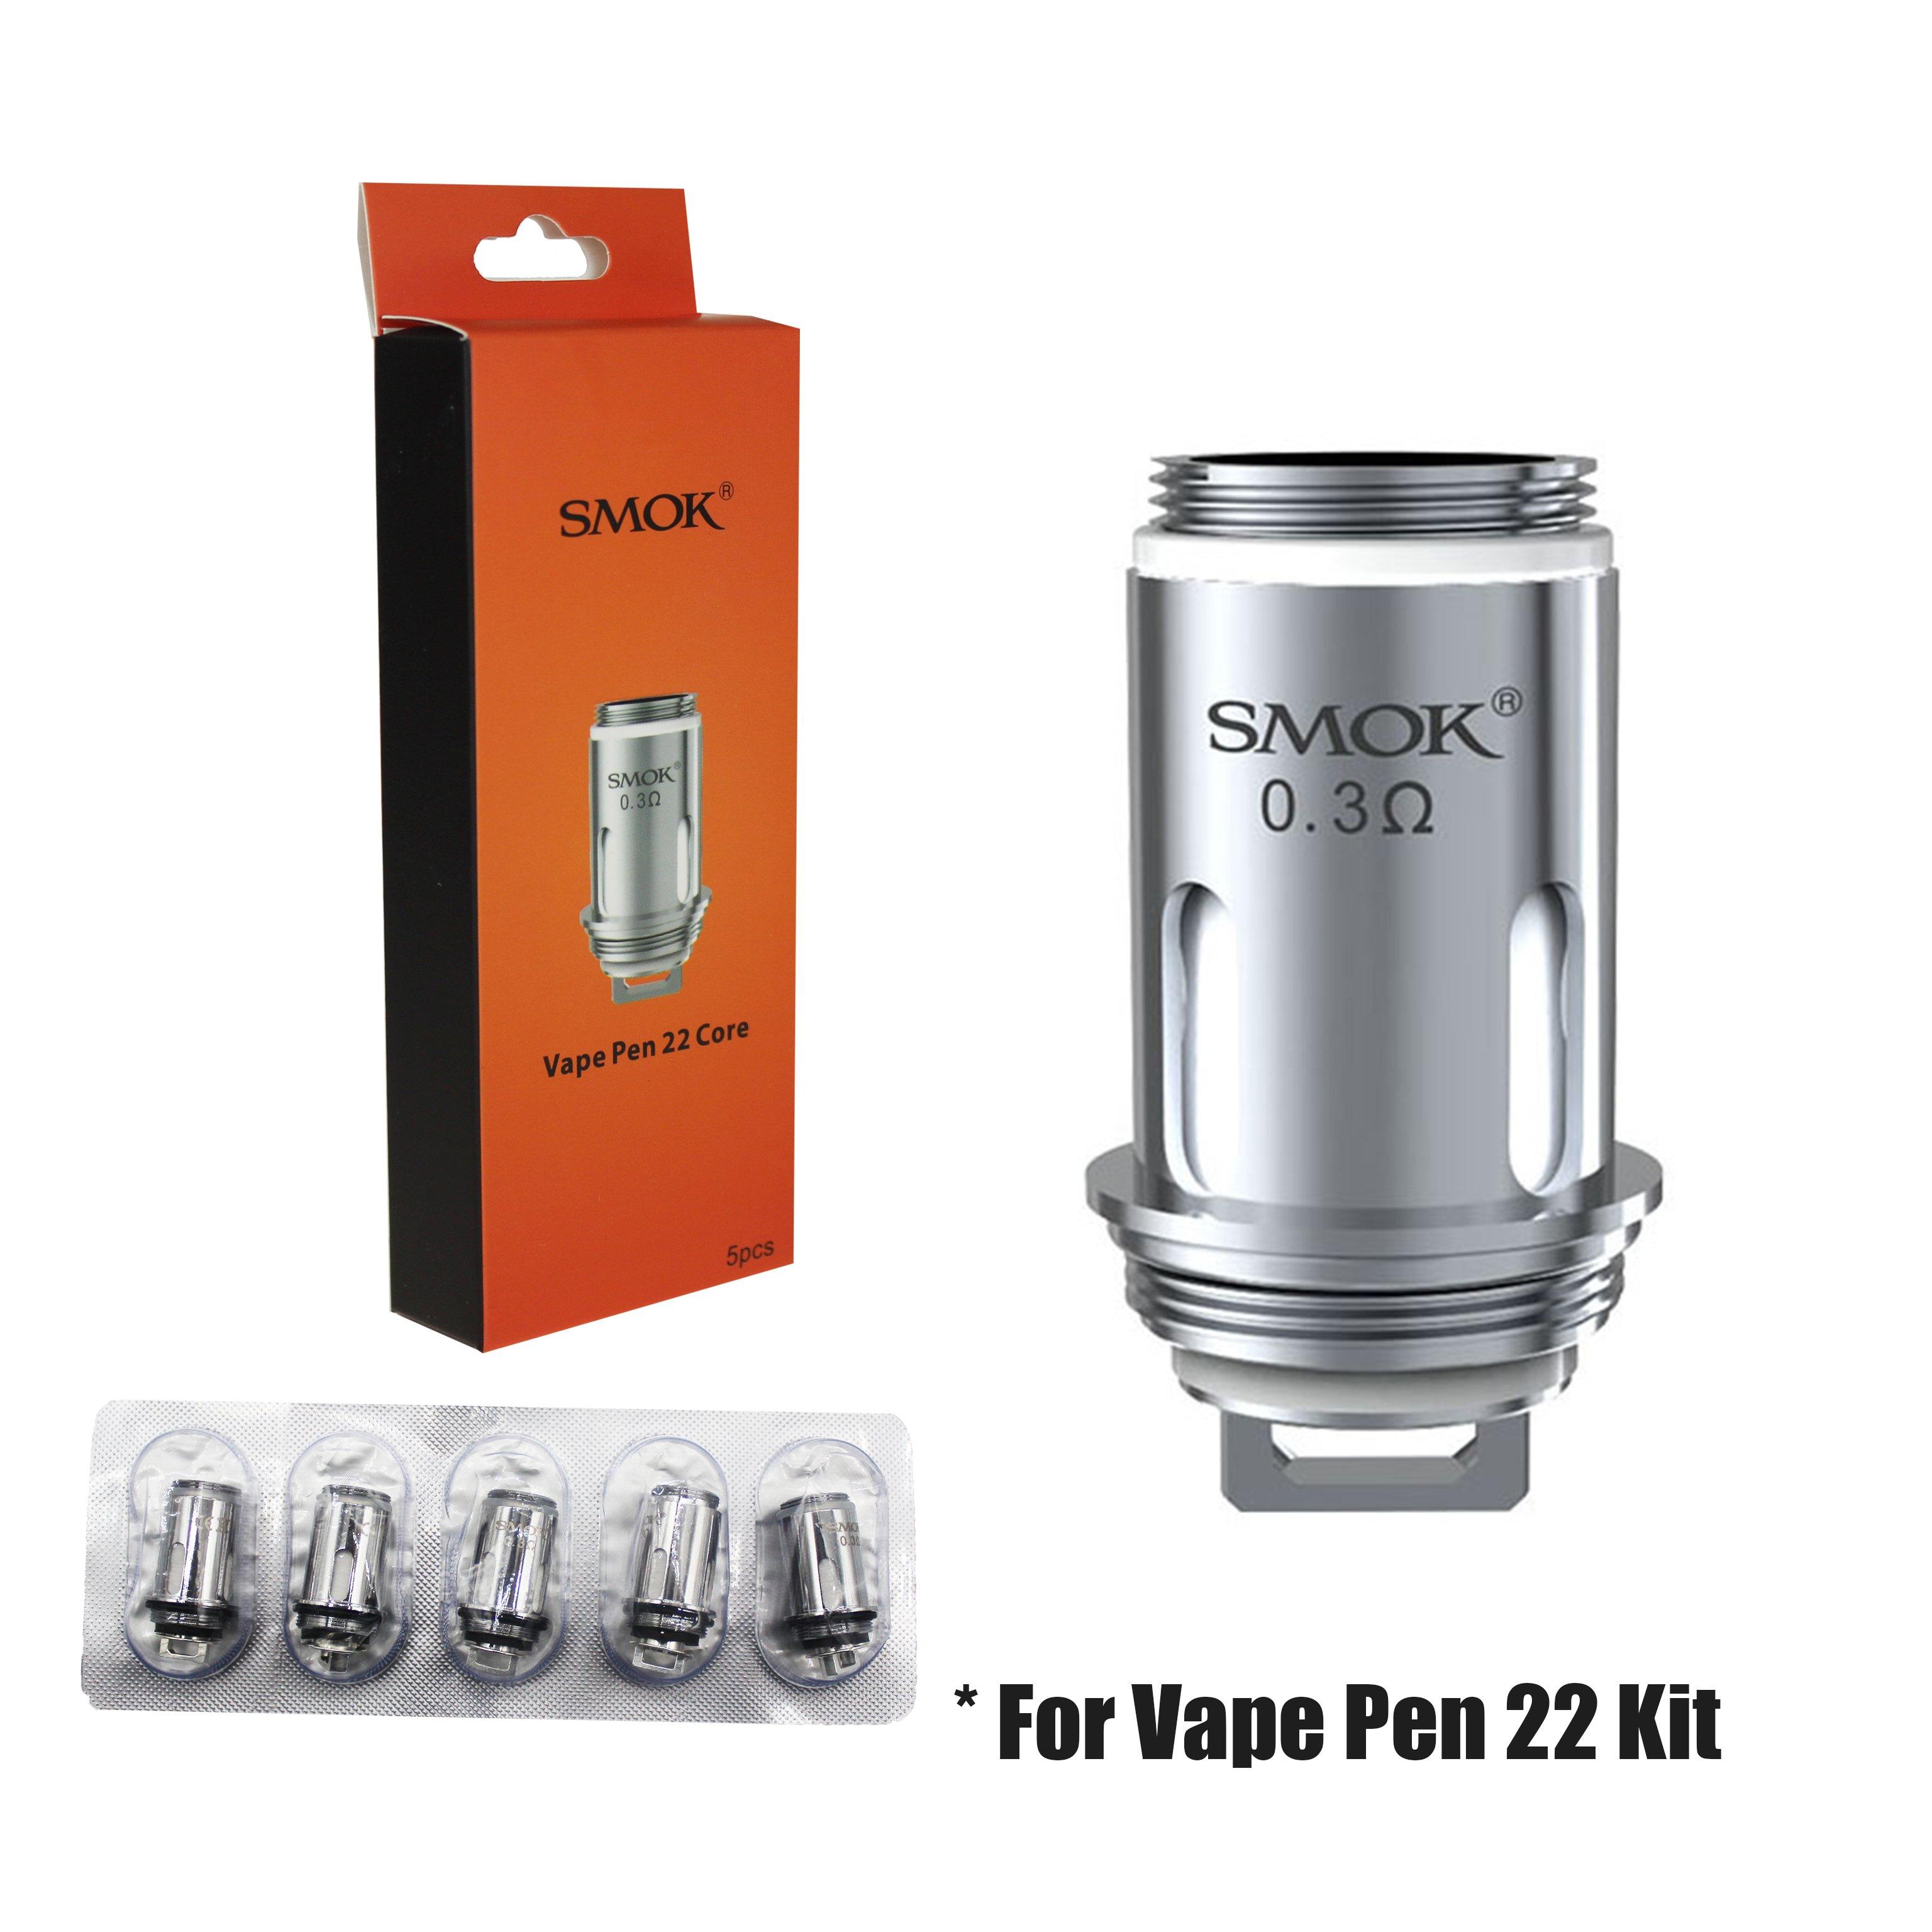 SMOK COIL 0.3 OHM - Fits SM01 Vape Pen 22